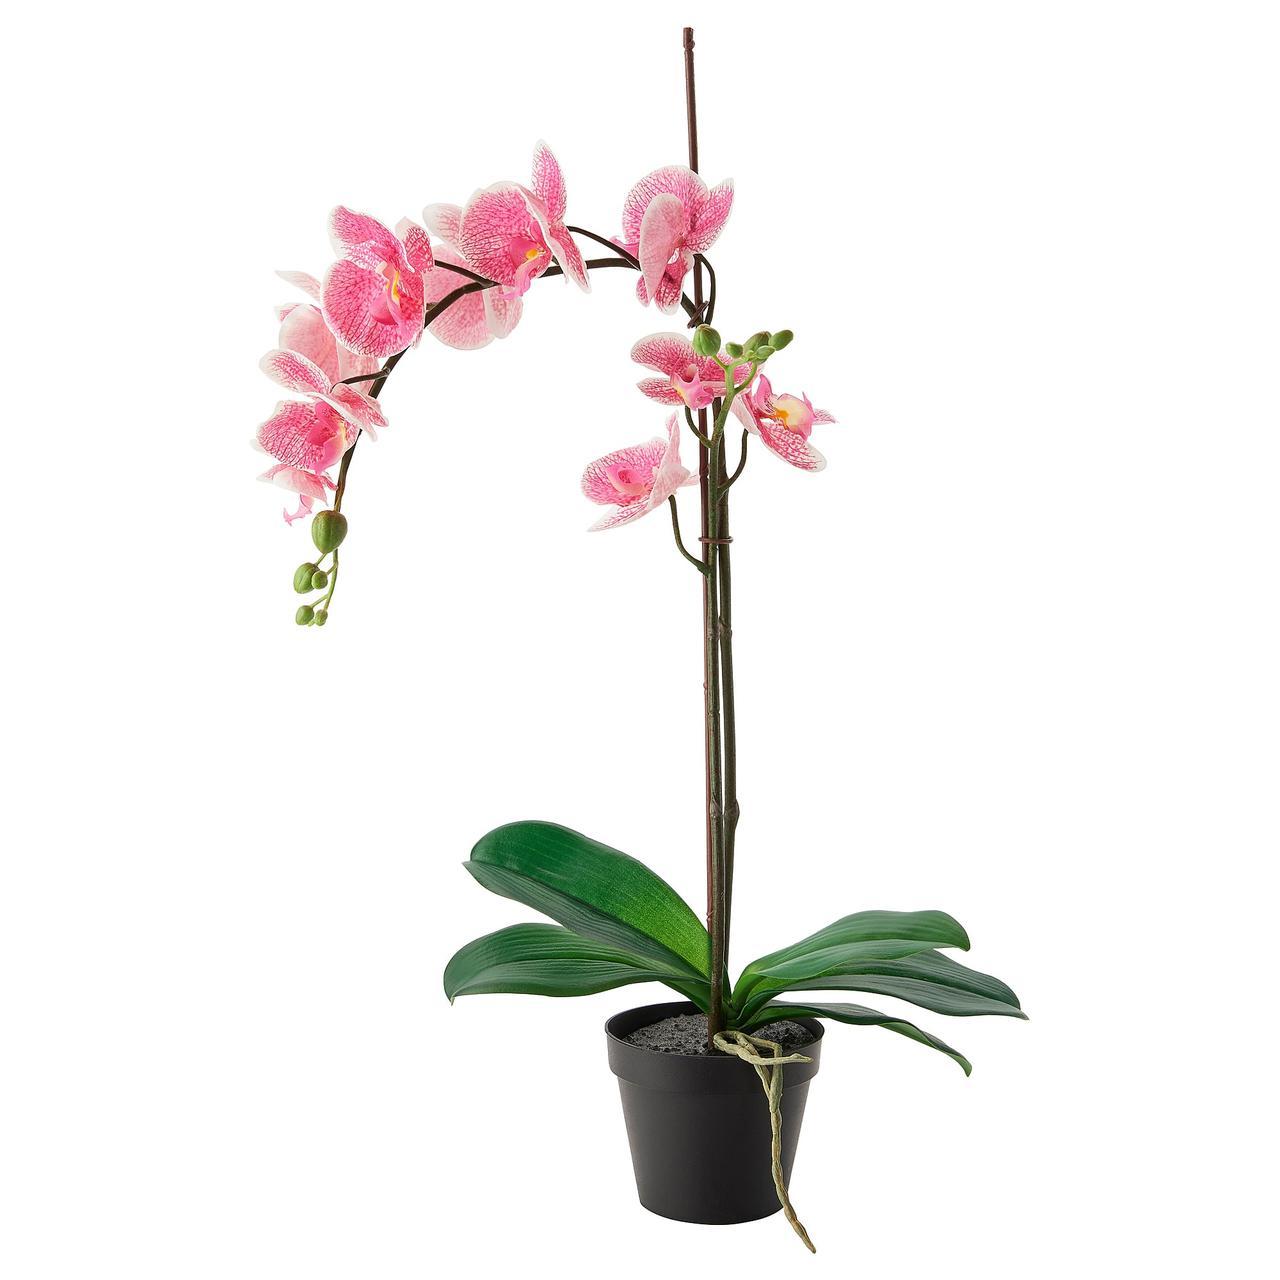 ФЕЙКА Искусственное растение в горшке, Орхидея розовый